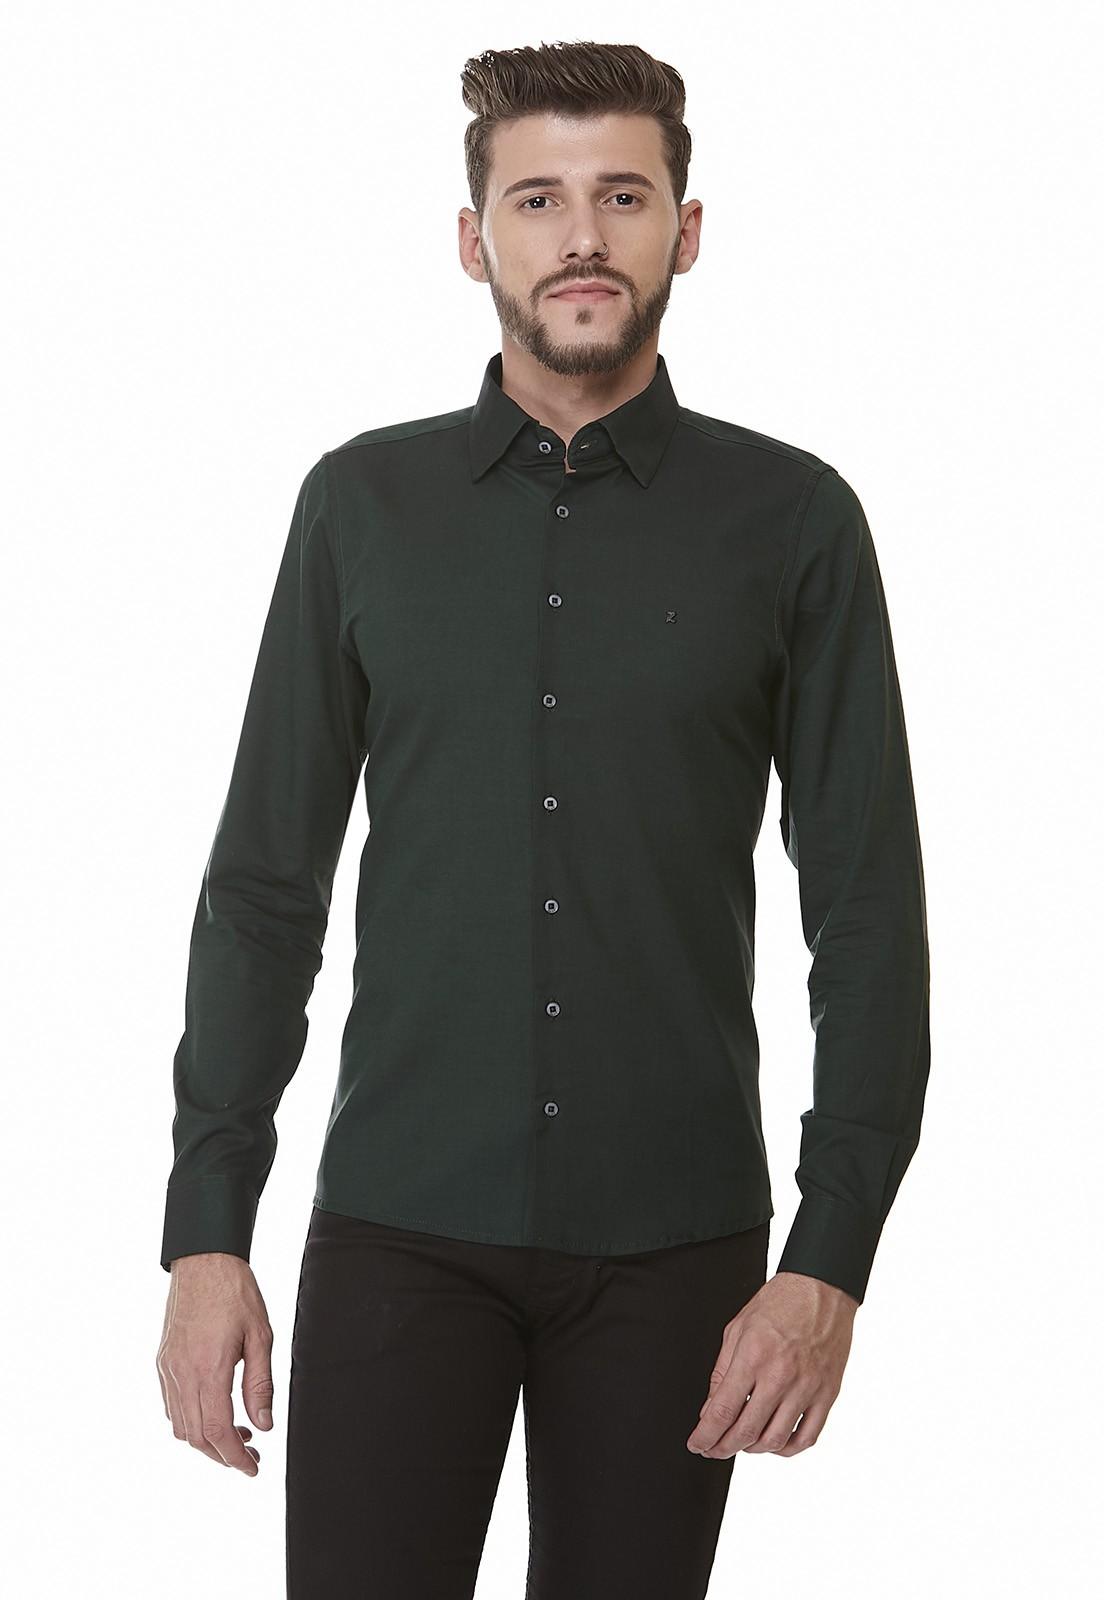 Camisa Slim Zaiko Double Manga Longa Fio 60 1743